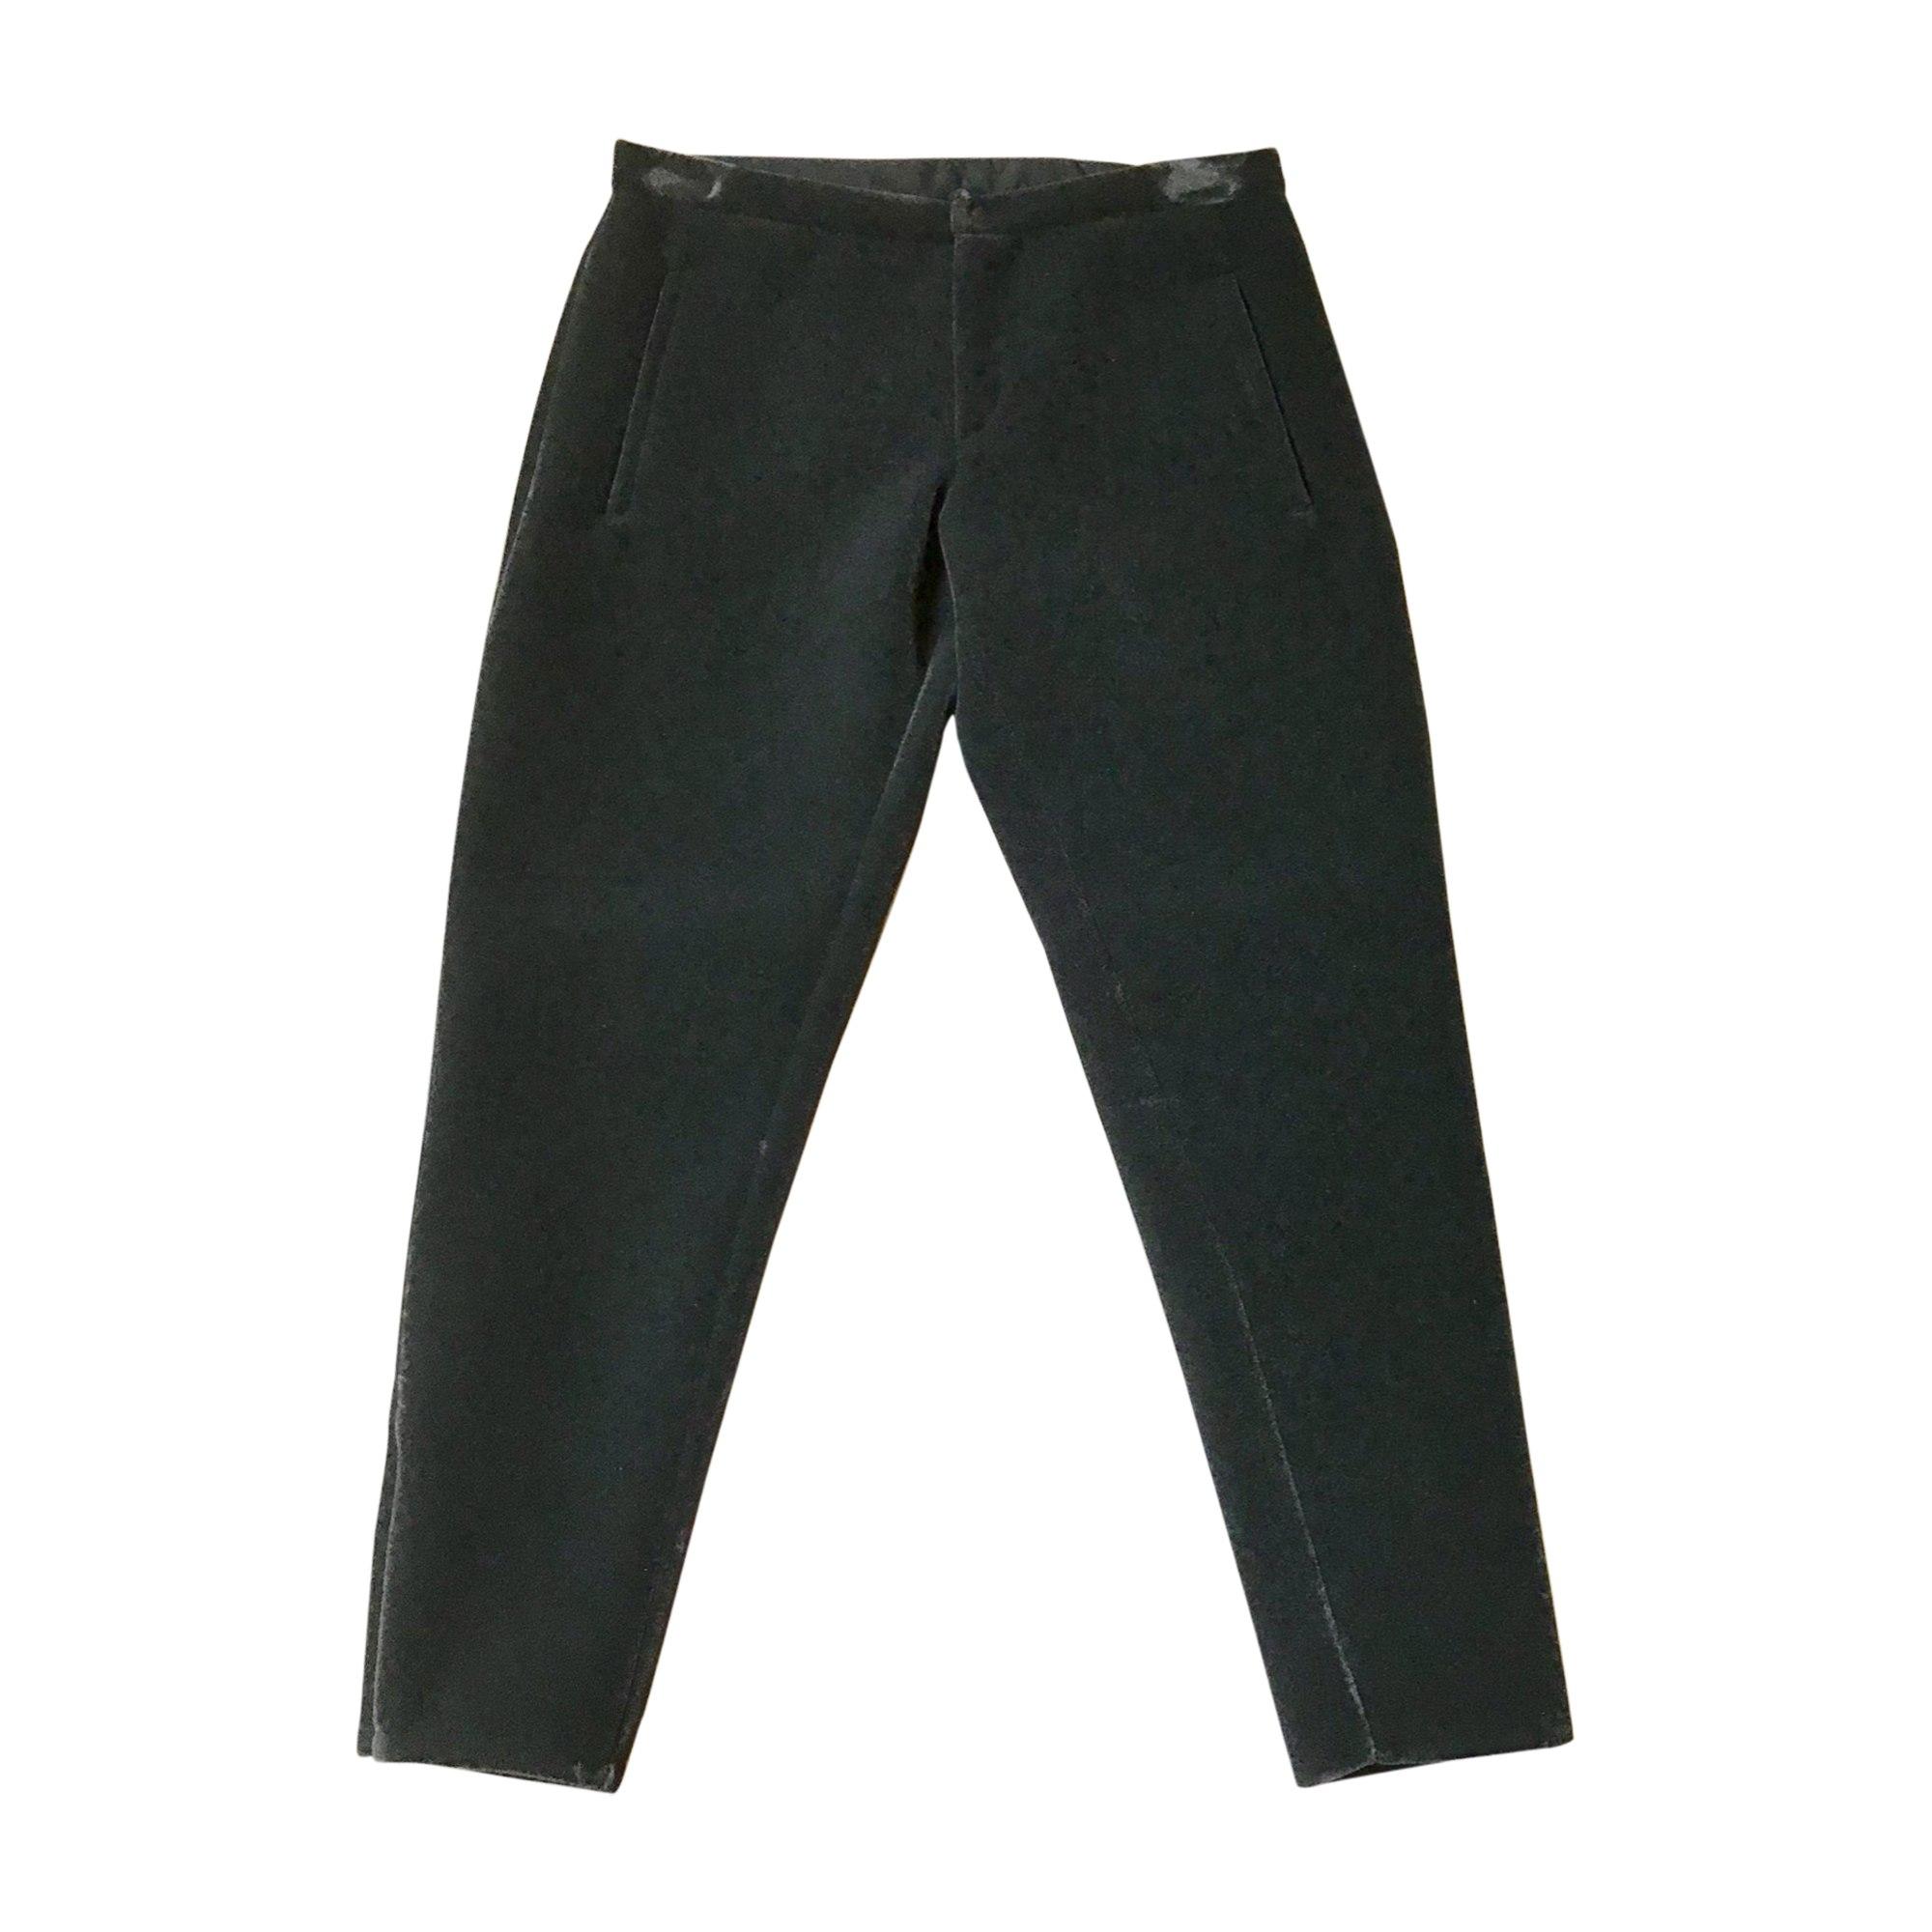 Pantalon droit EMPORIO ARMANI Gris, anthracite